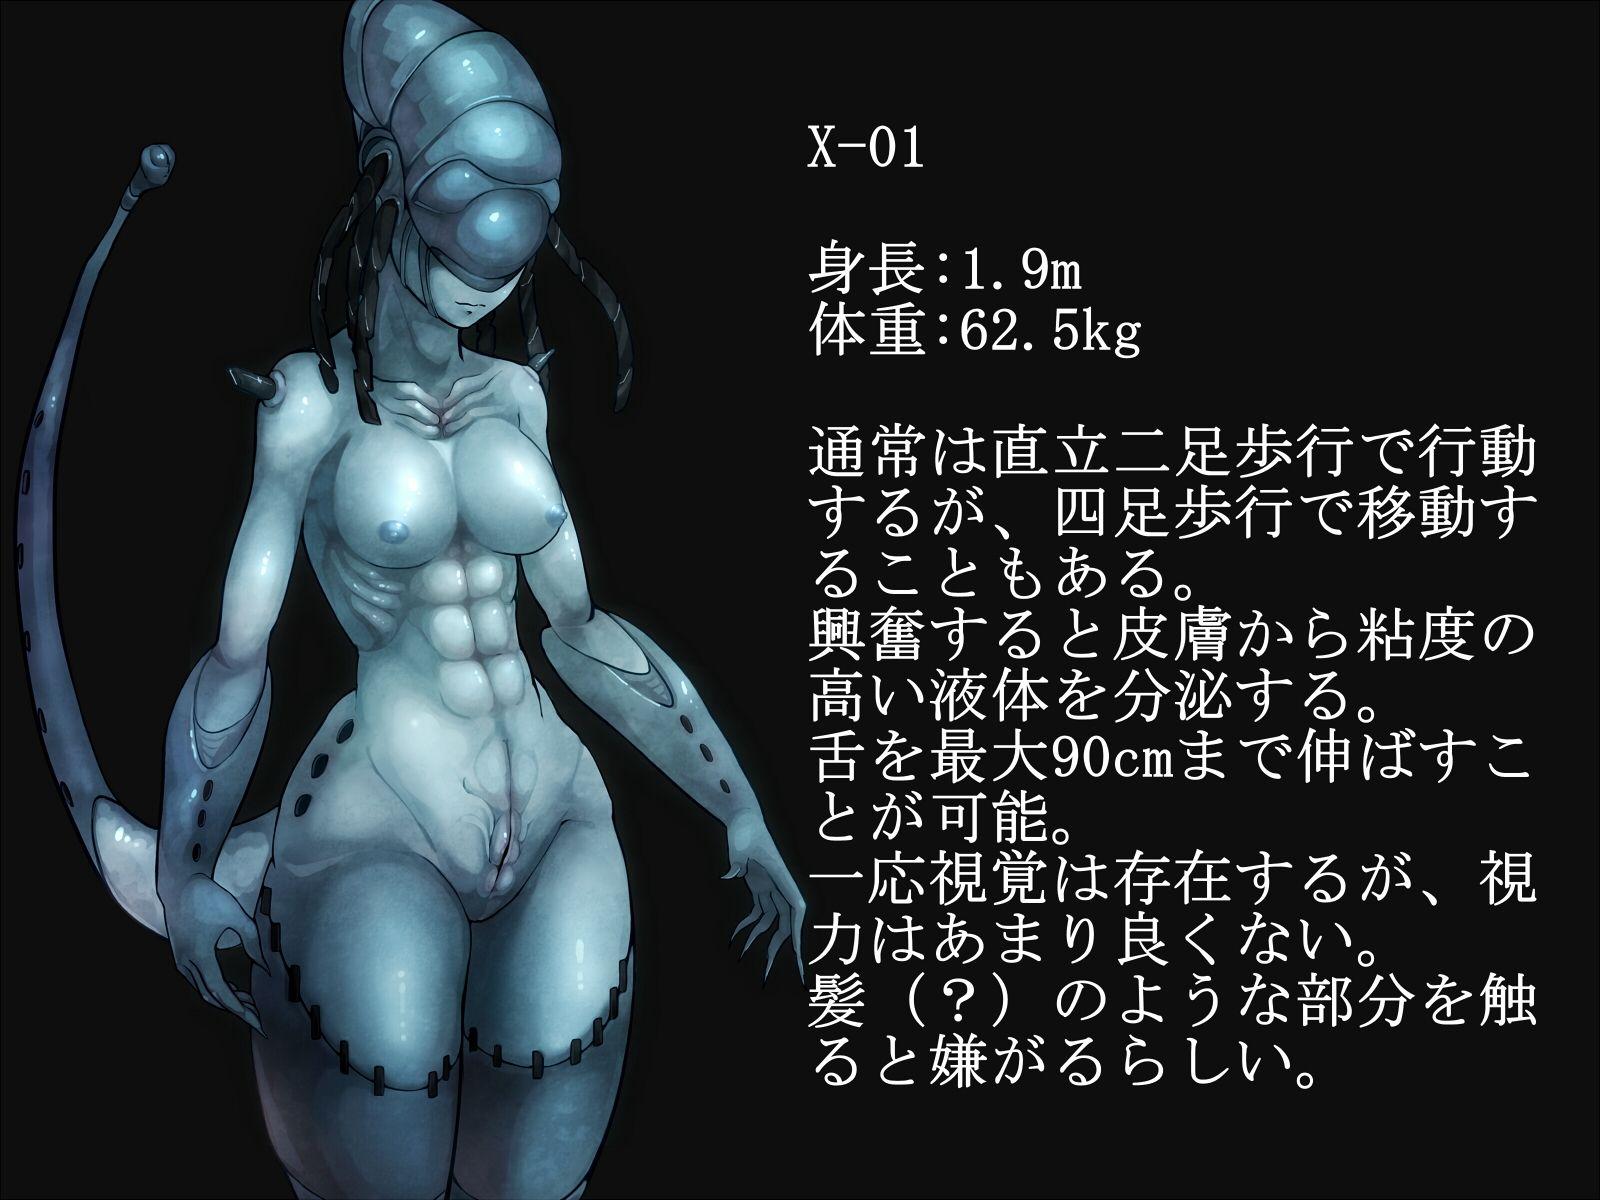 エイリアンえっち-異星人性交渉実験記録-